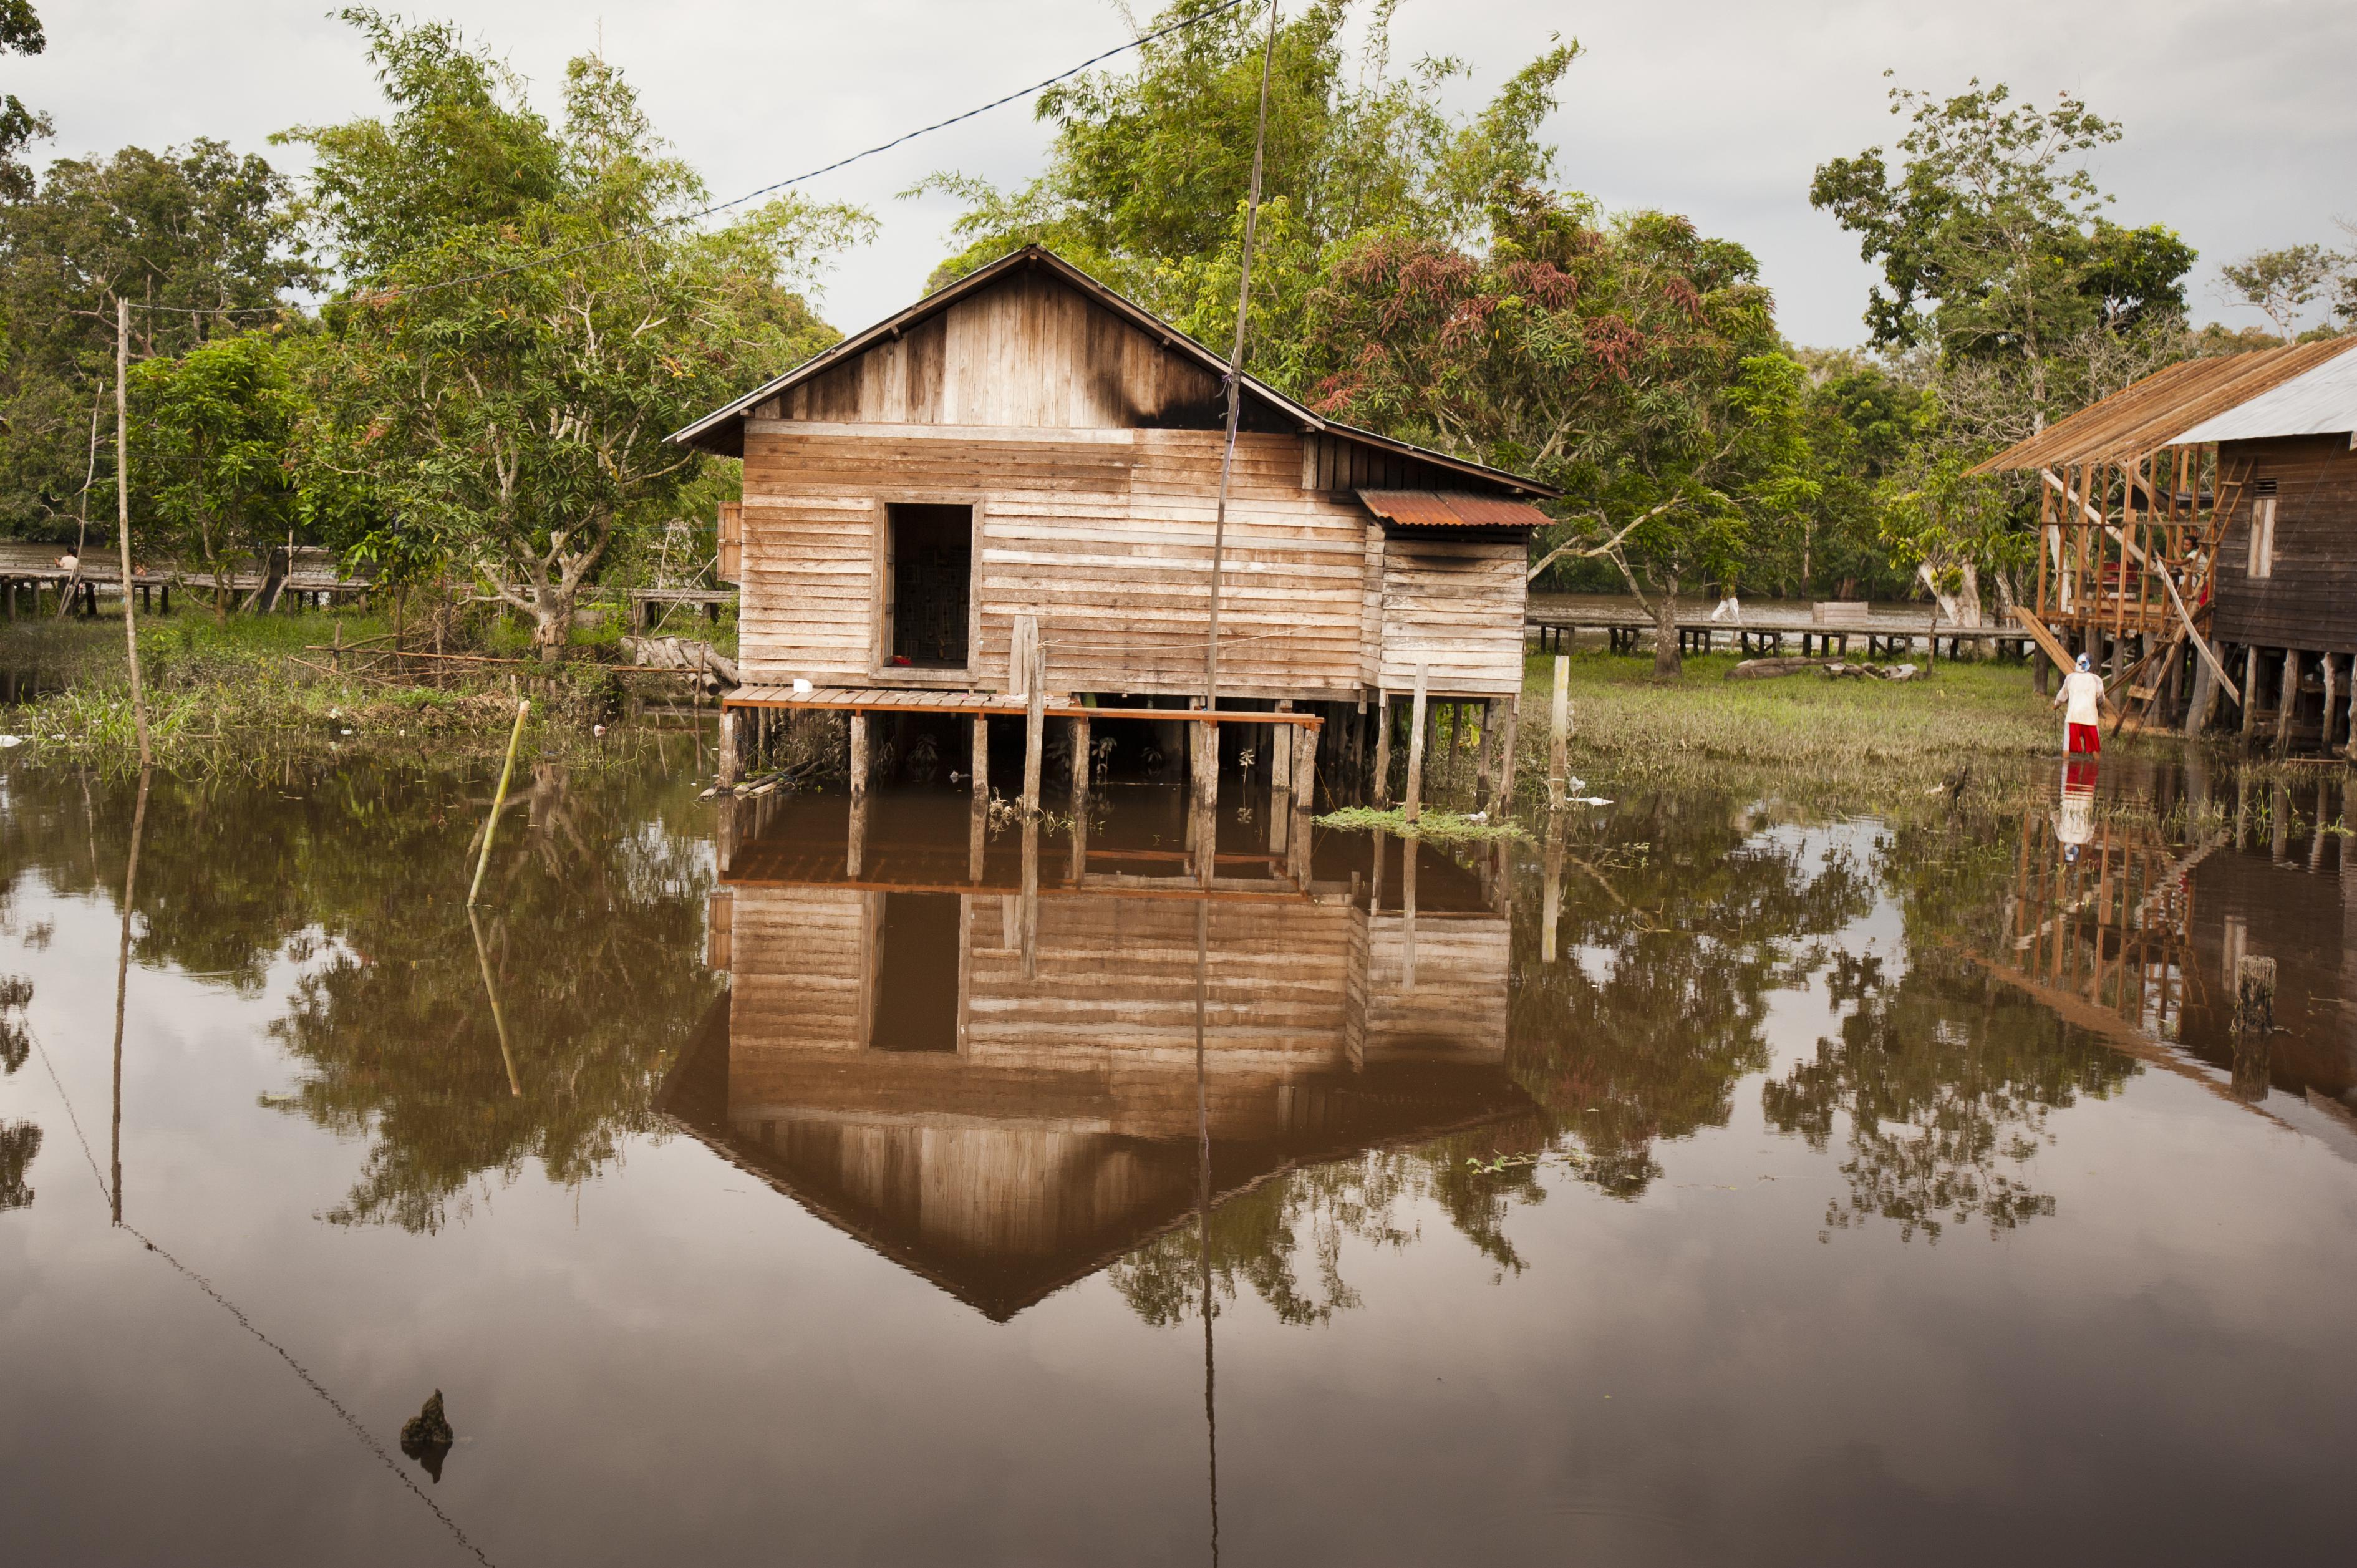 Rural Borneo